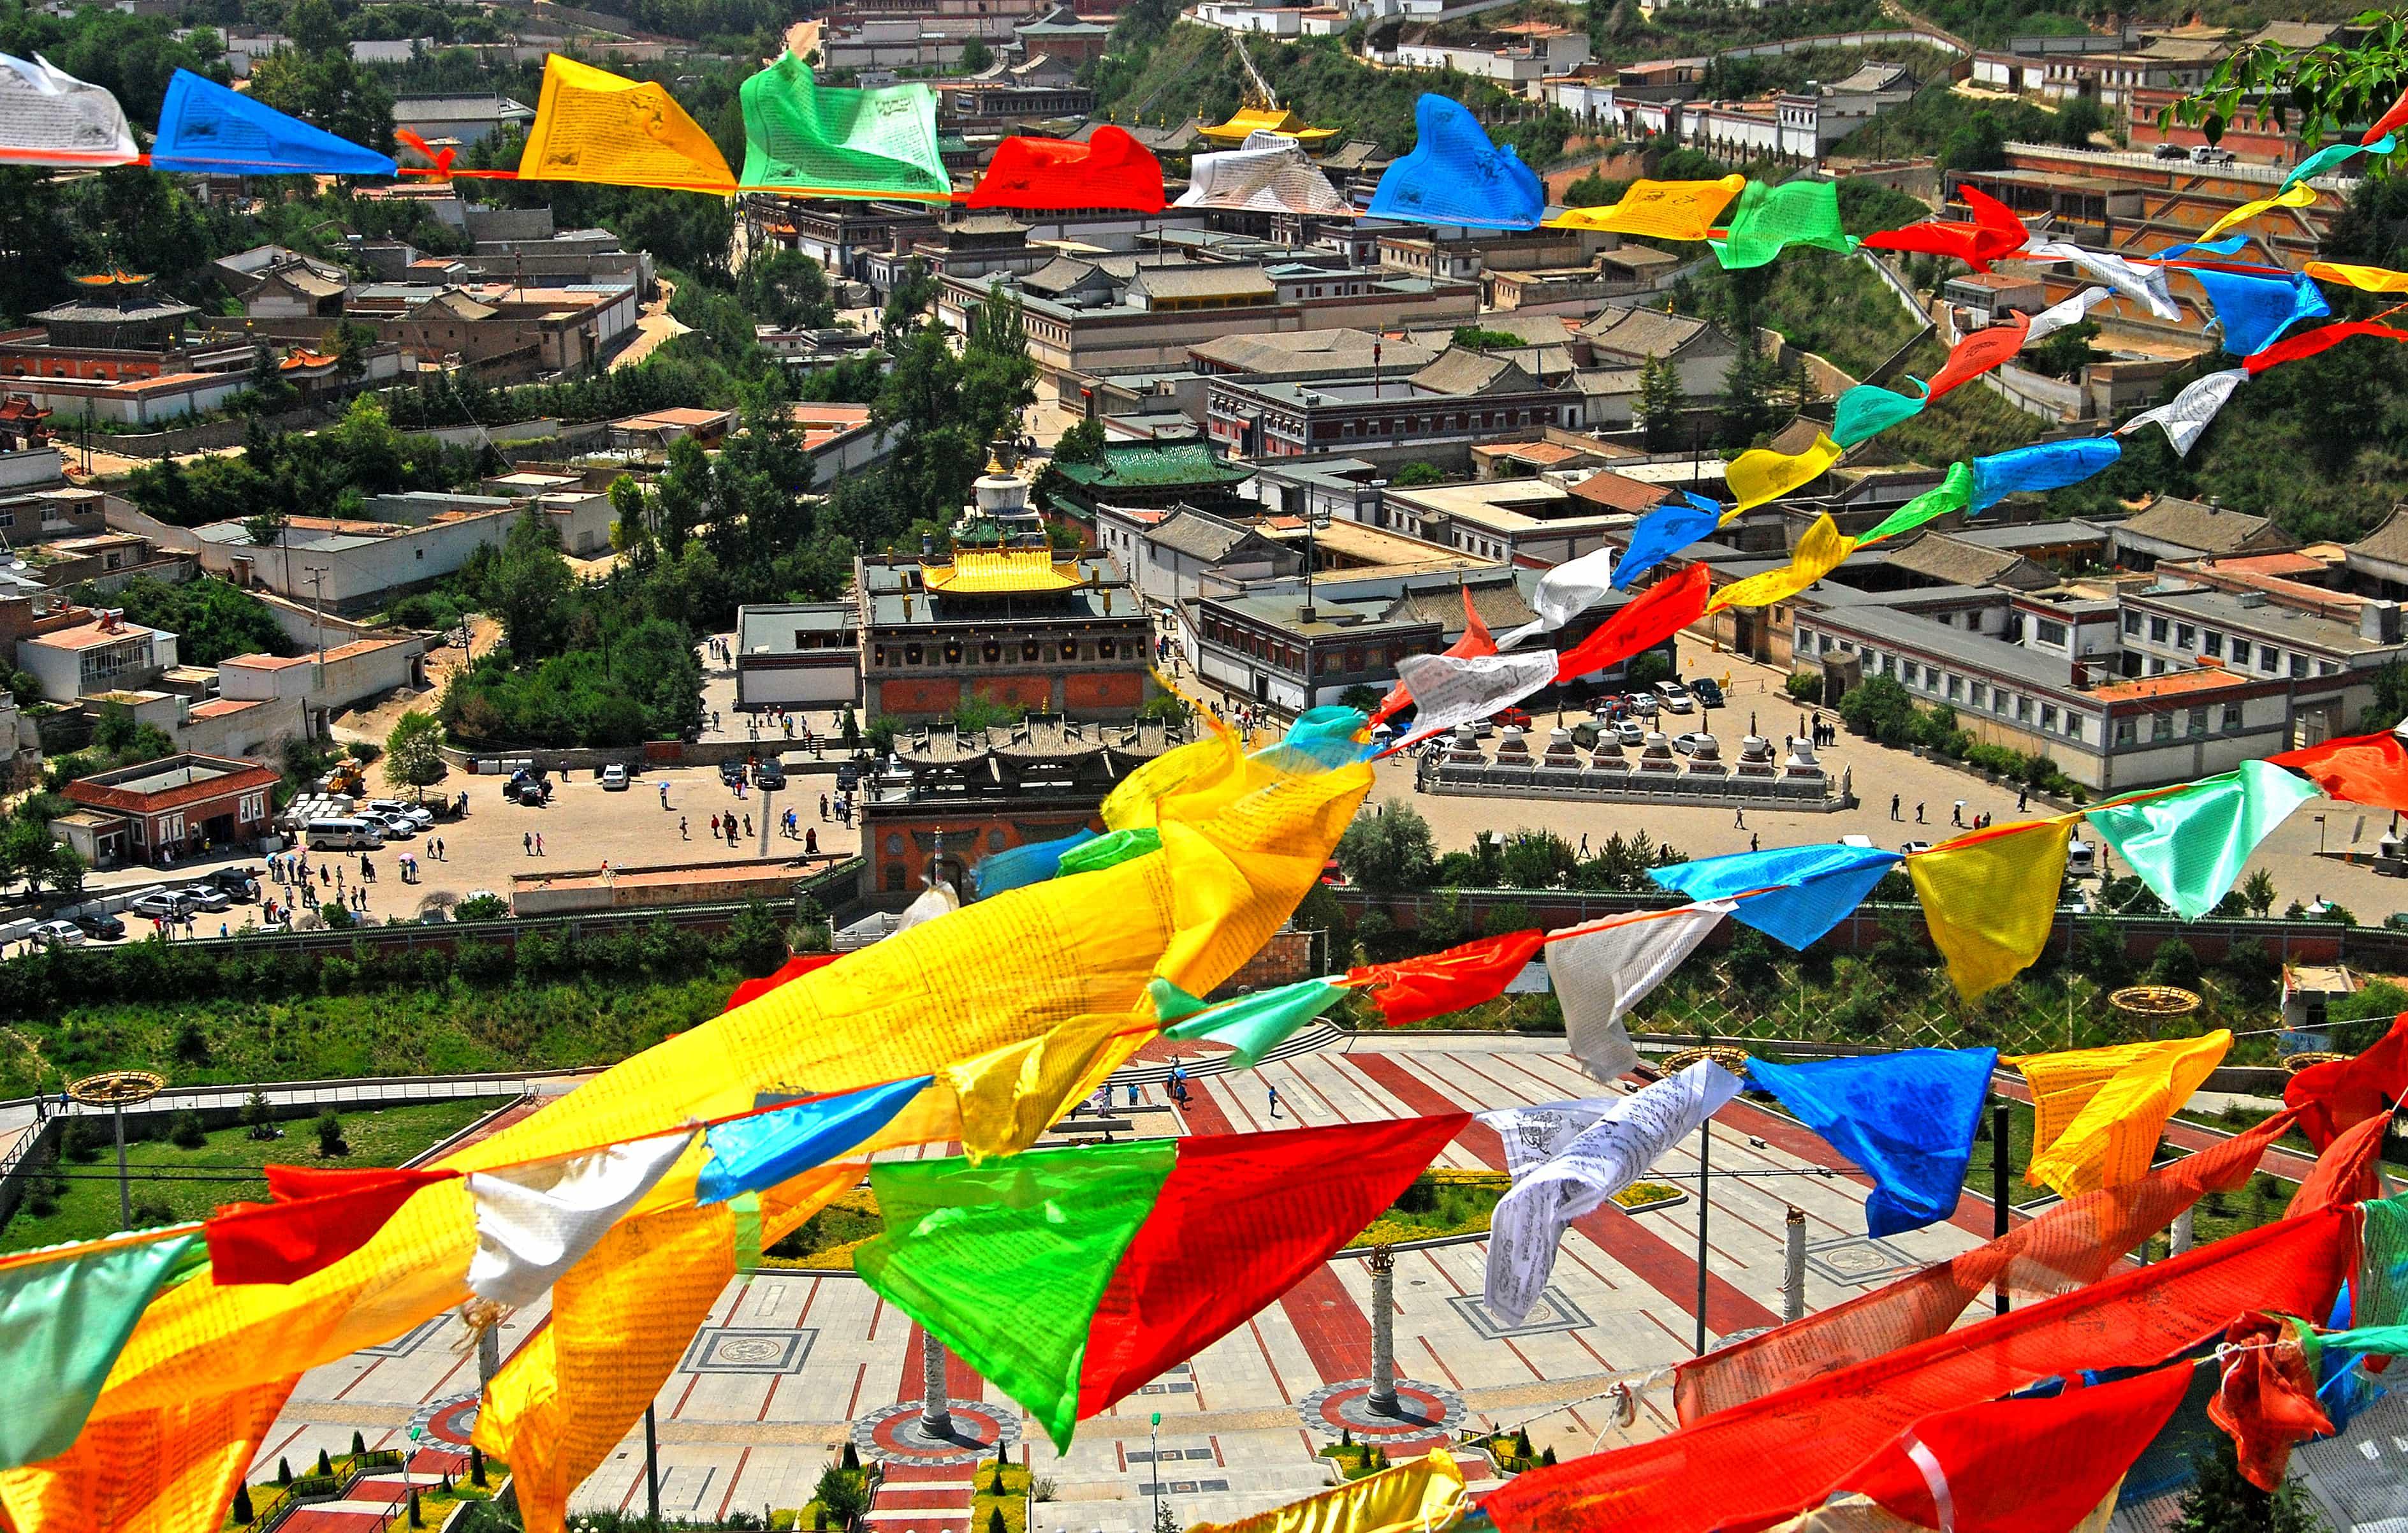 Ta'er Monastery, Kumbum. Xining, Qinghai